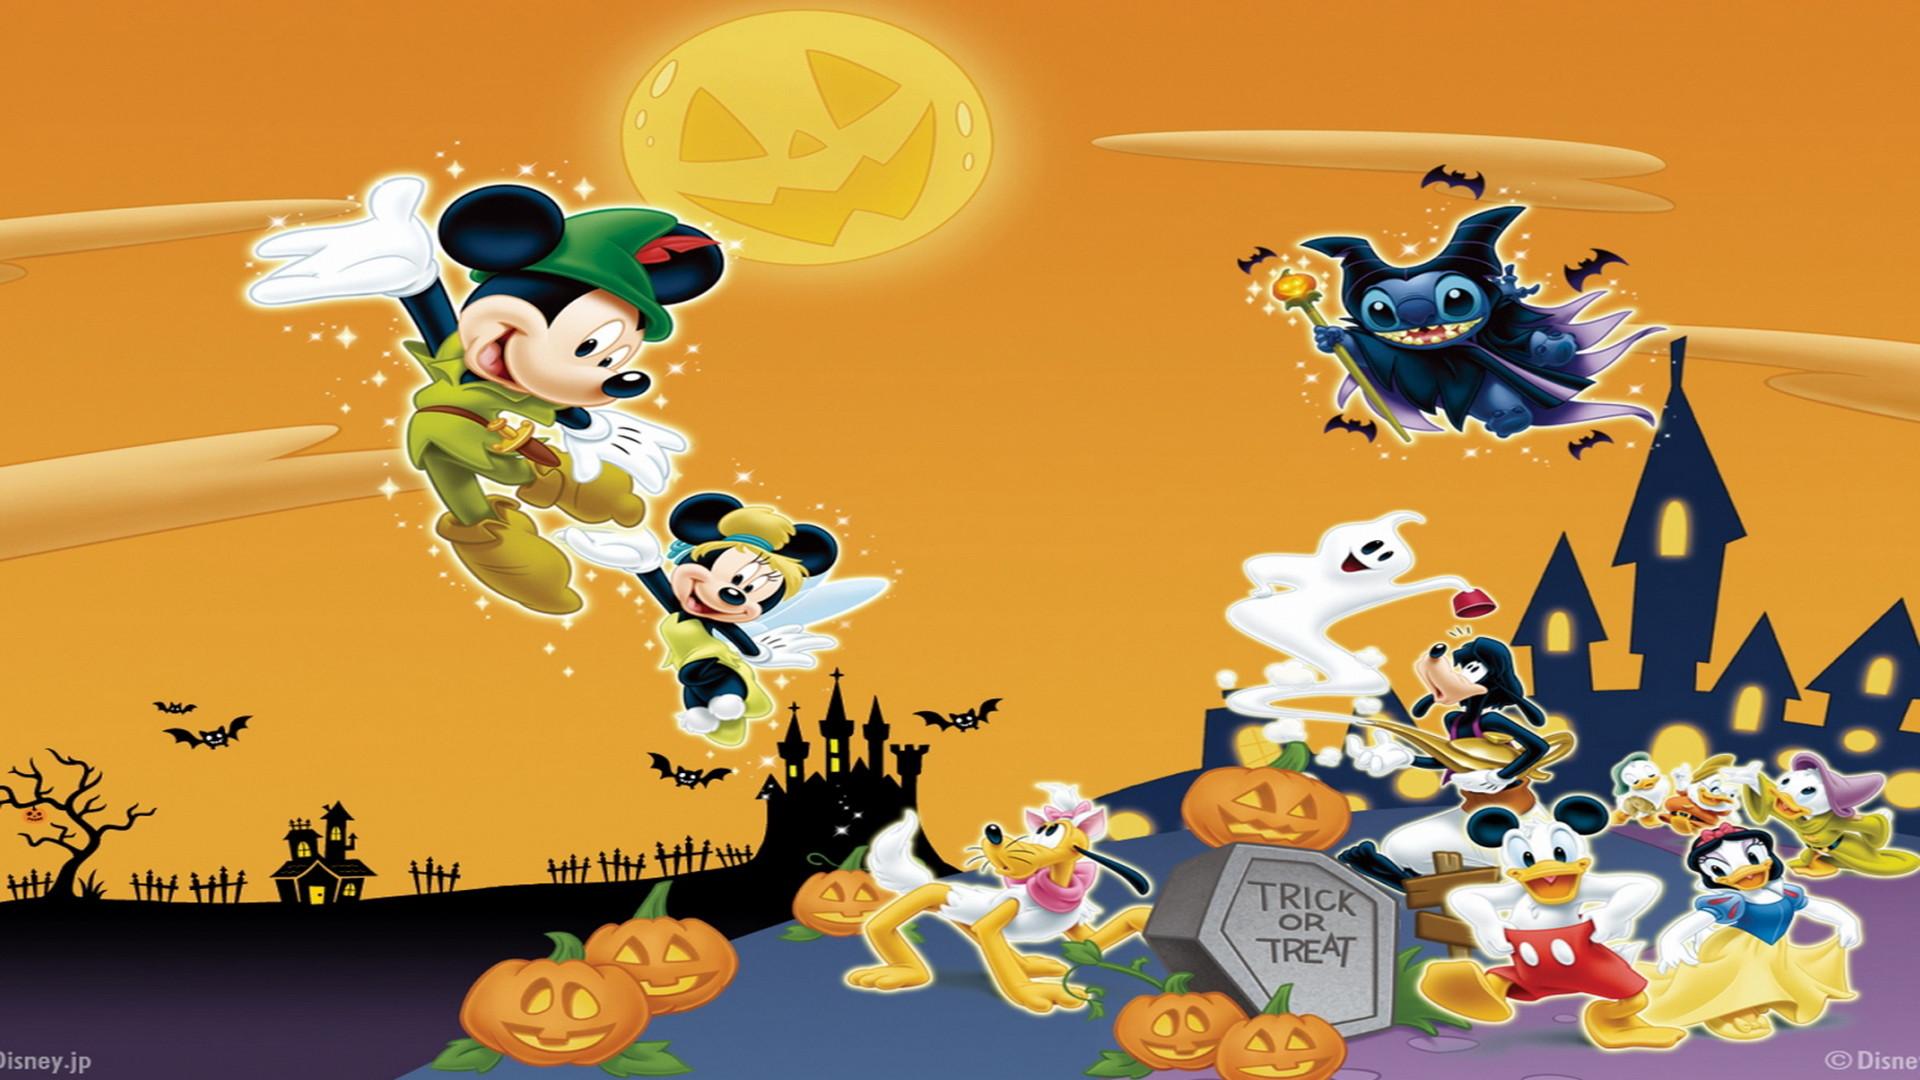 Disney Halloween Wallpapers ·â'